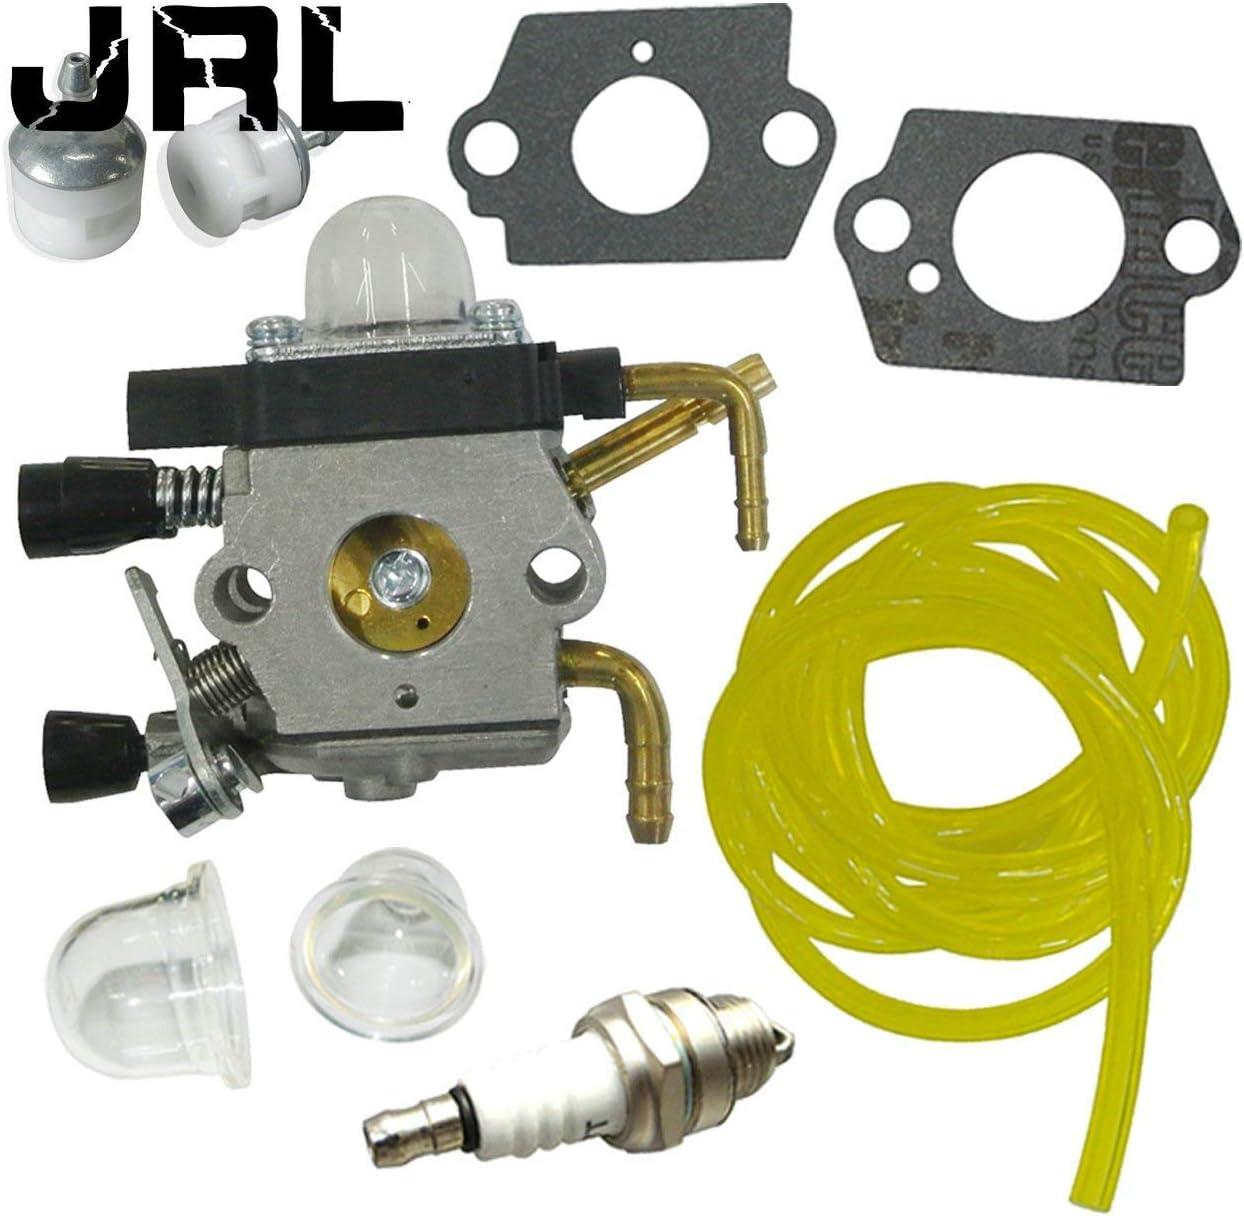 jrl carburador y Bujía y filtro de combustible para corta-setos HS81hs81r hs81rc hs81t hs81tz hs81rce hs81tce hs86t hs86r hs86rz